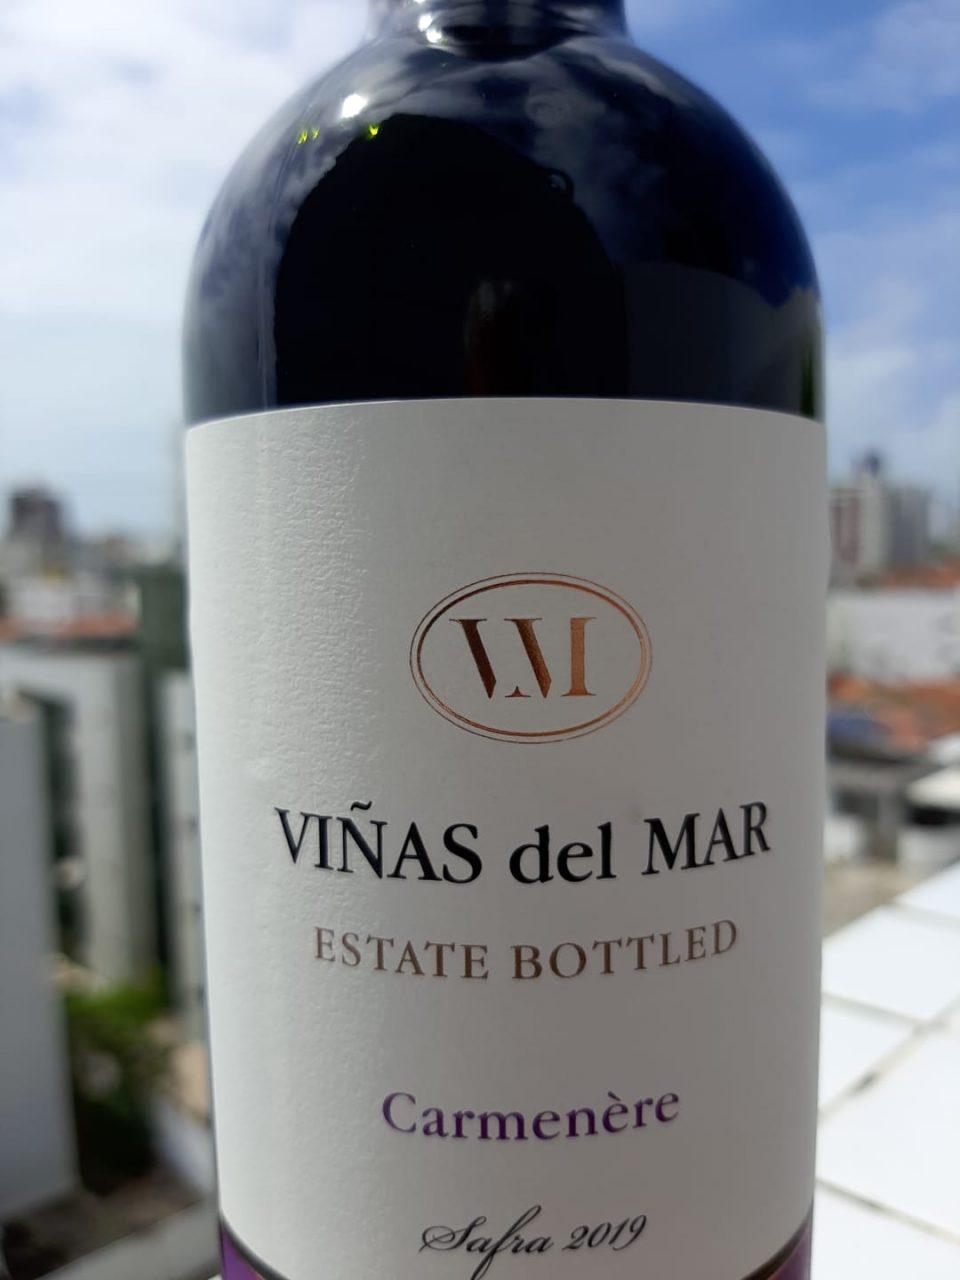 WhatsApp Image 2021 08 26 at 09.46.40 scaled - Sommelier Luiz Jr. realiza Curso Degustação de Vinhos em João Pessoa; saiba como se inscrever